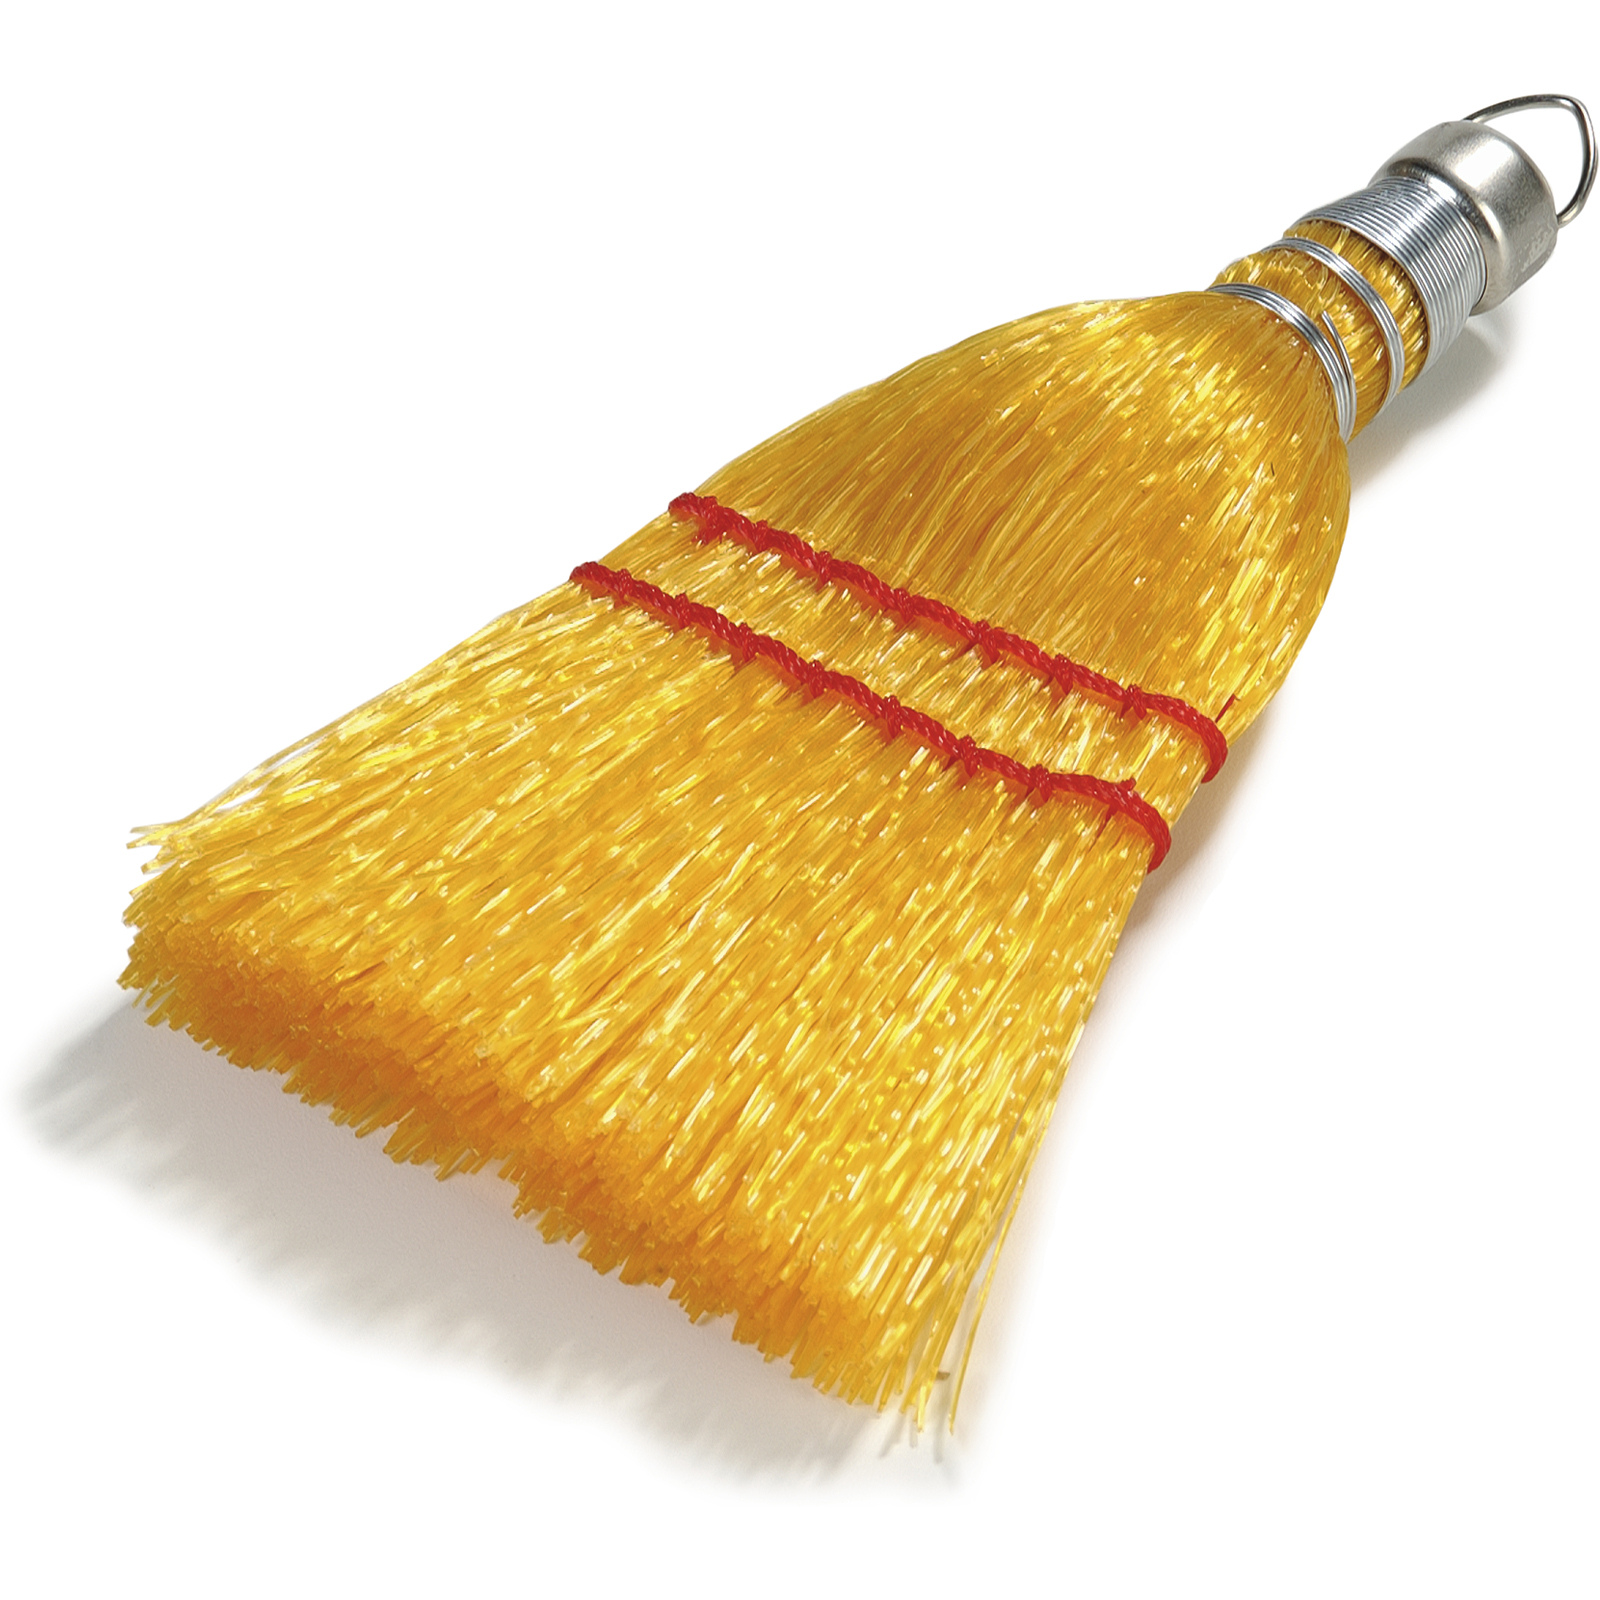 Carlisle 3663400 broom